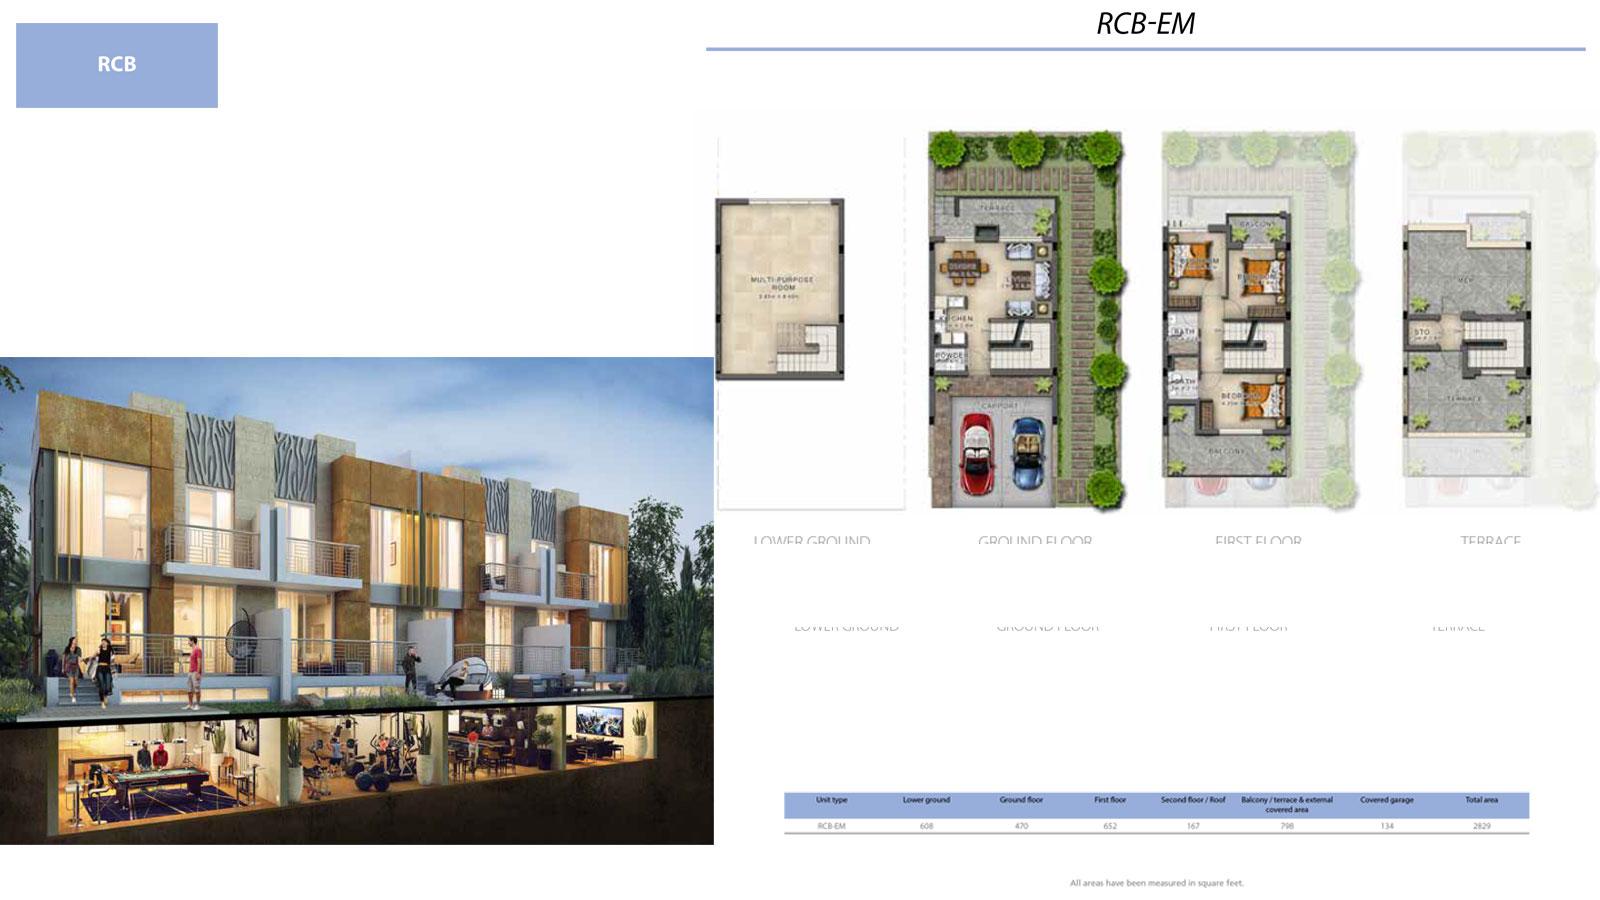 3 BR RCB       (RCB-EM, 3 Bedroom Villa, Size 2829 sq ft)